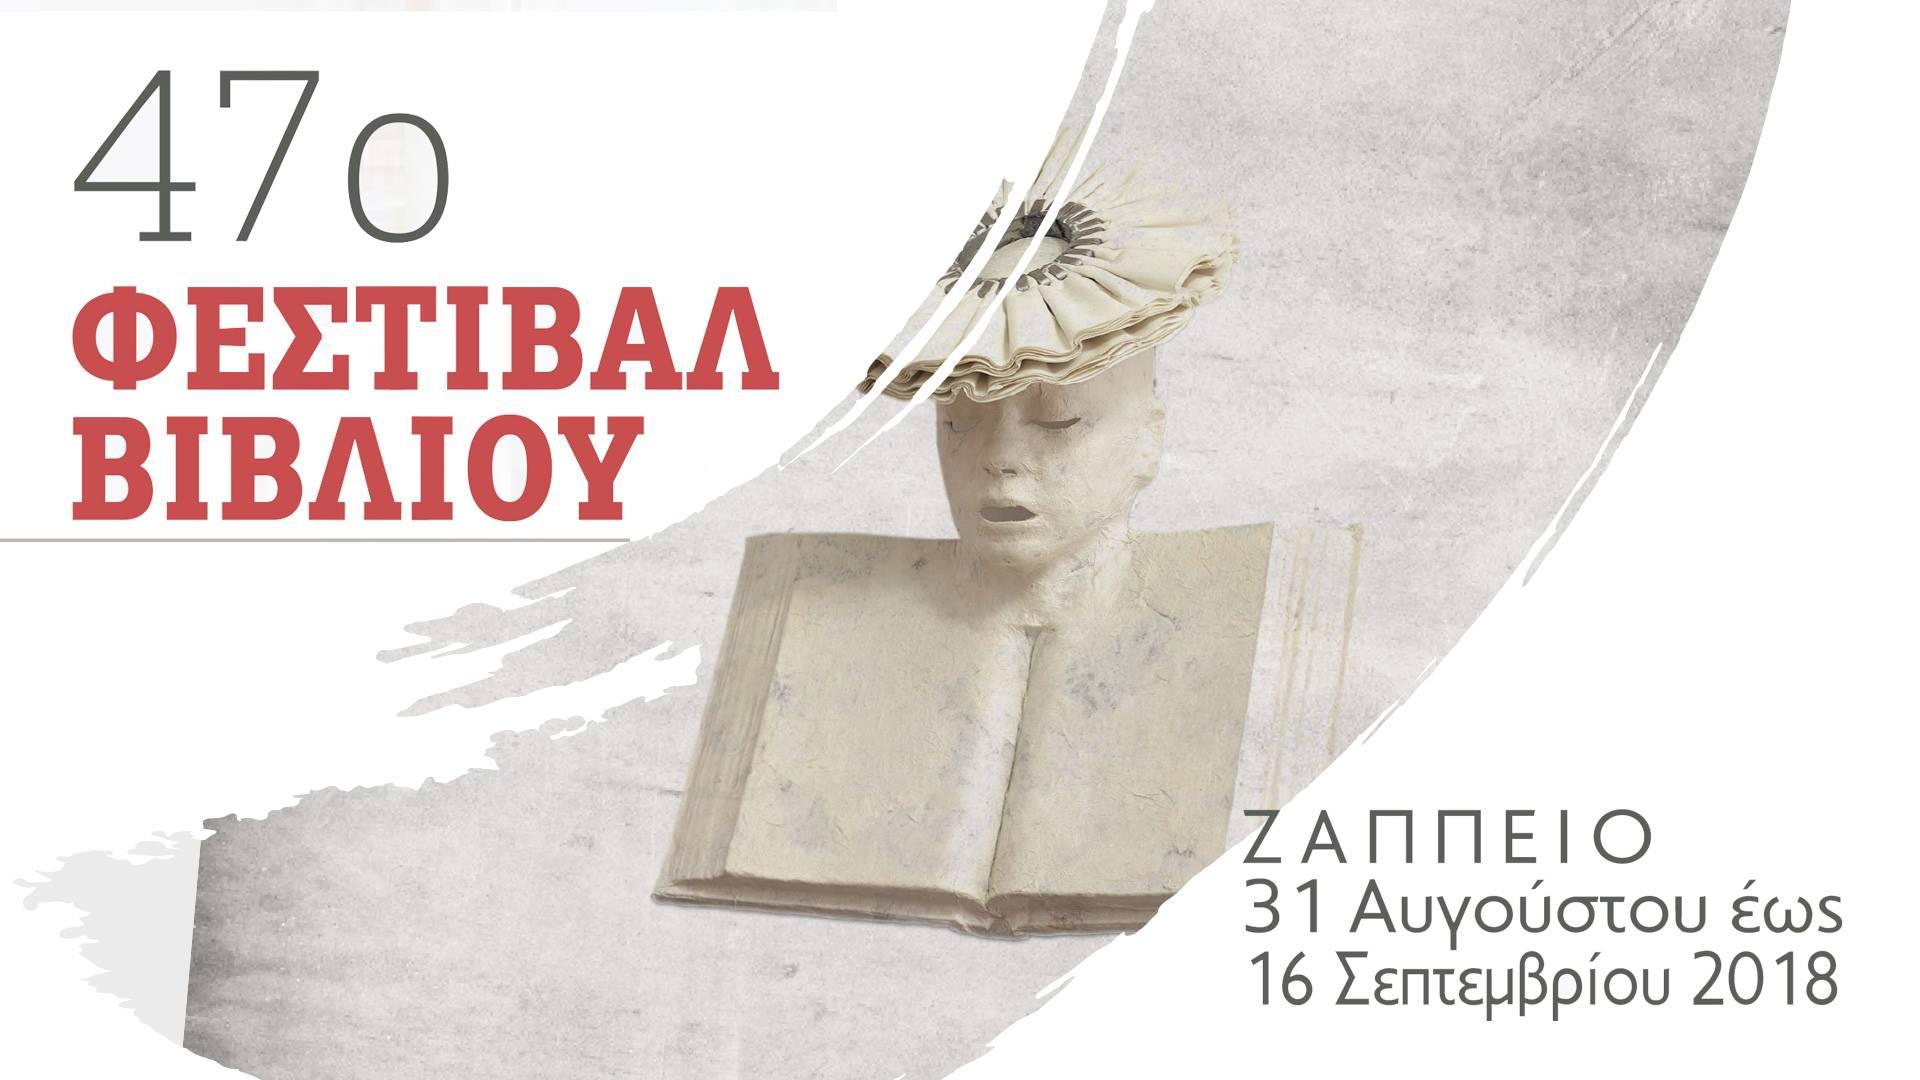 47ο Φεστιβάλ Βιβλίου στο Ζάππειο